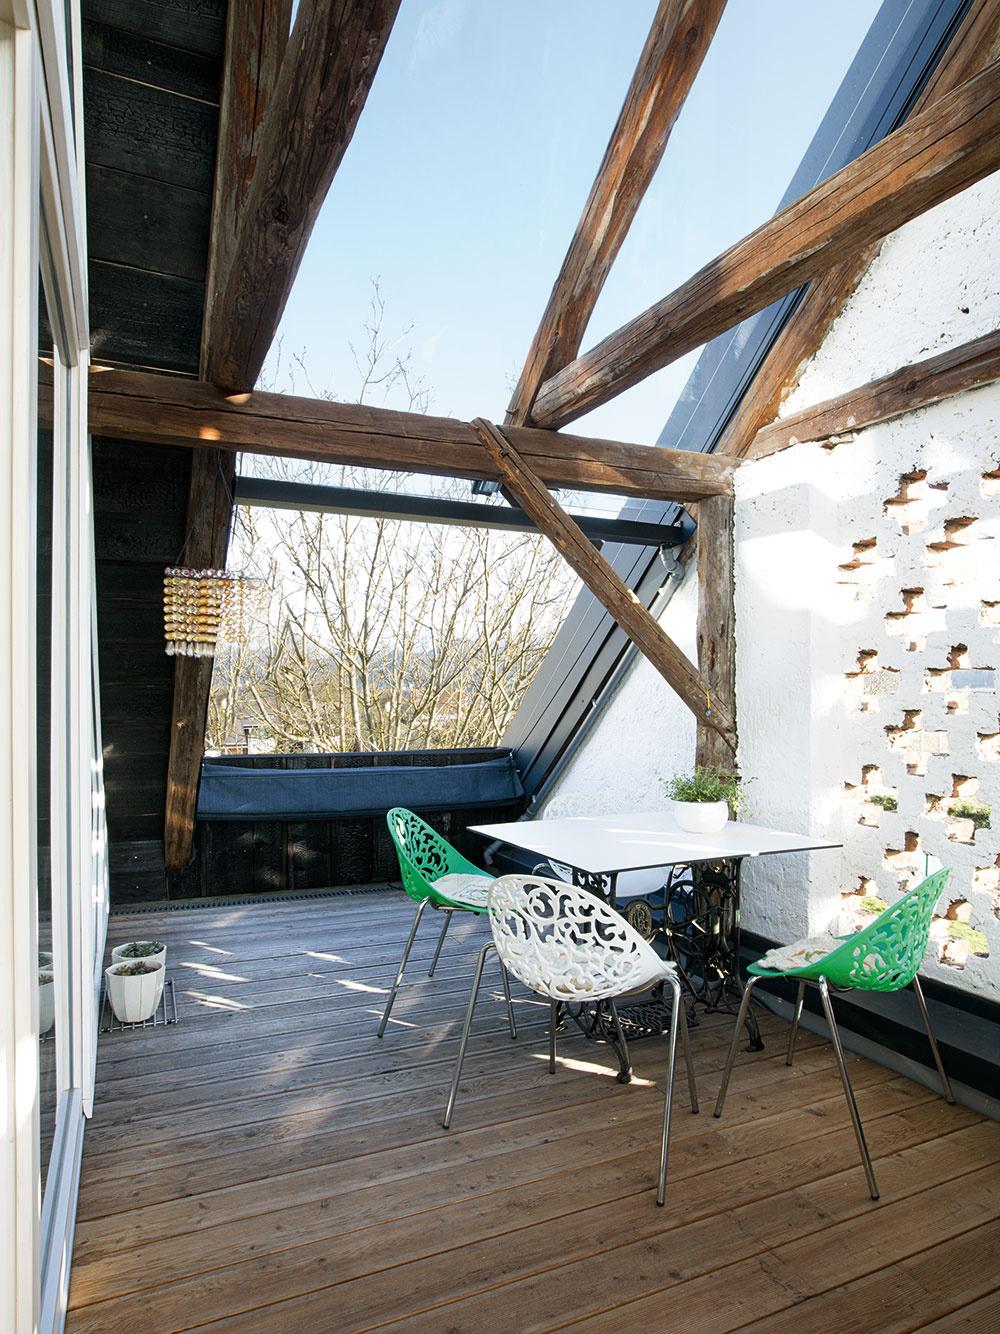 Vonkajší priestor – terasa v južnej časti strechy chránená štítovou stenou – je intenzívne prepojený s obývačkou cez veľkorysú zasklenú stenu siahajúcu až po hrebeň.